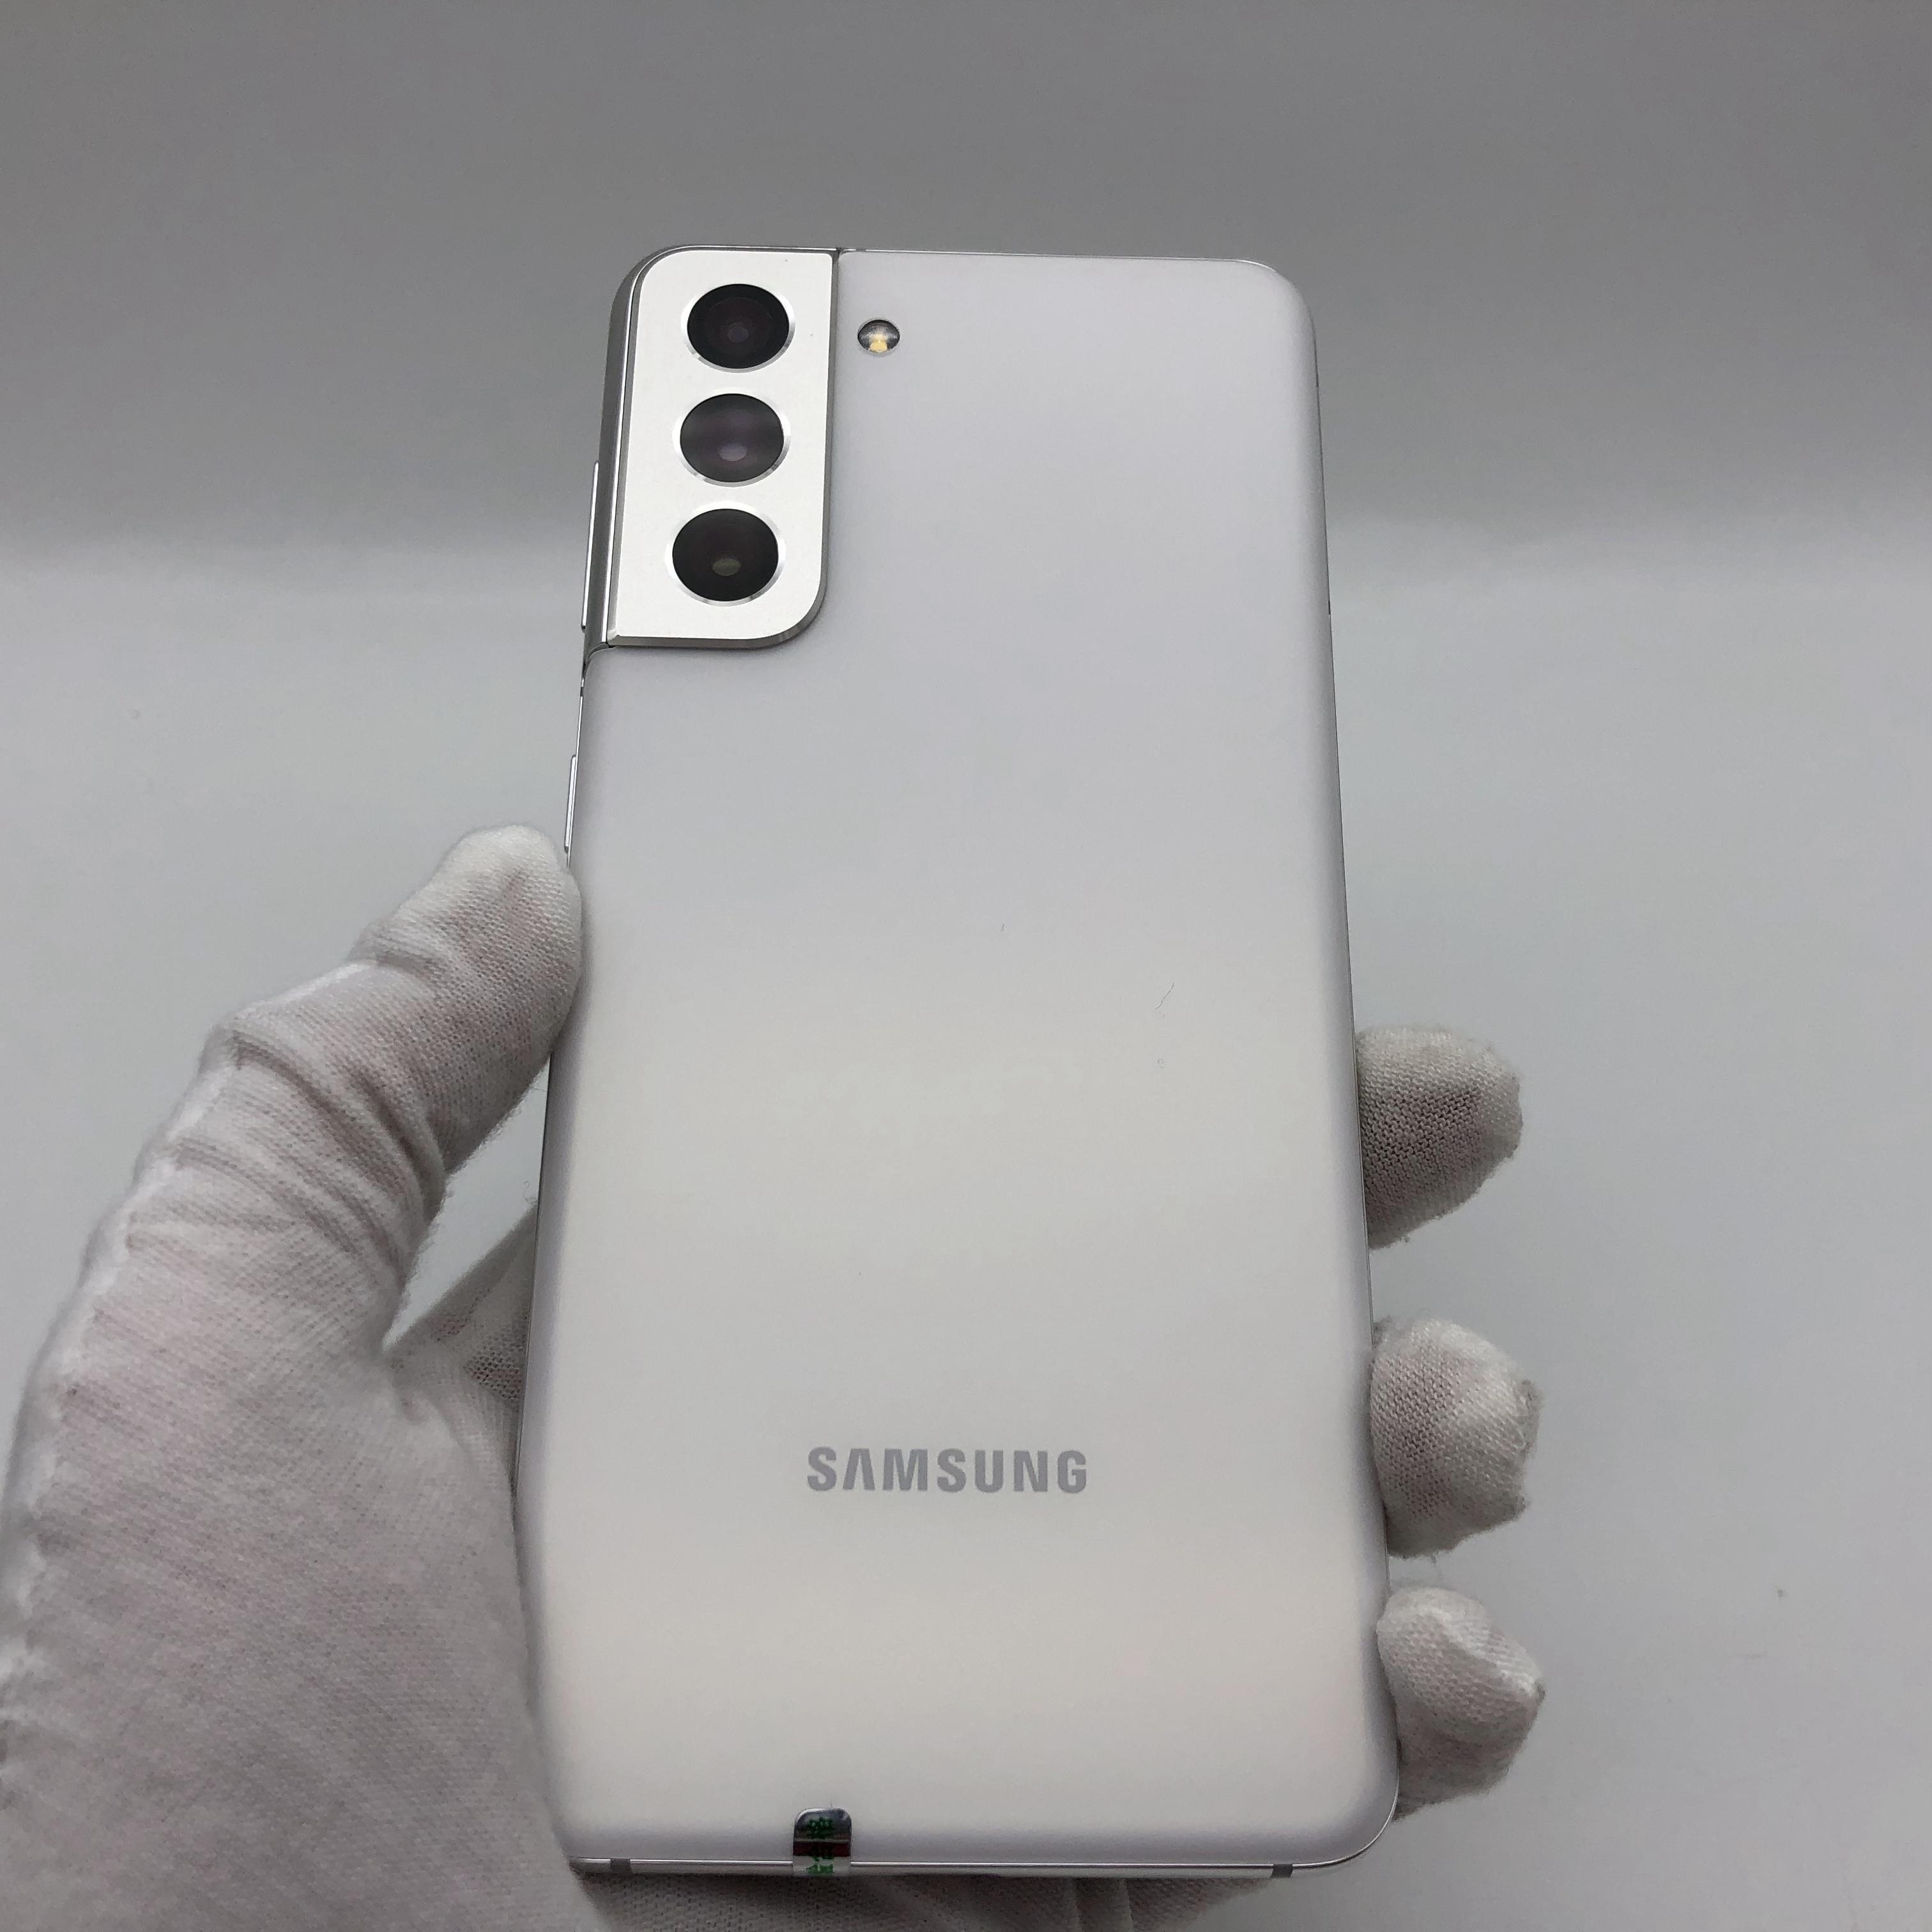 三星【Galaxy S21】5G全网通 丝雾白 8G/256G 国行 99新 真机实拍靓机